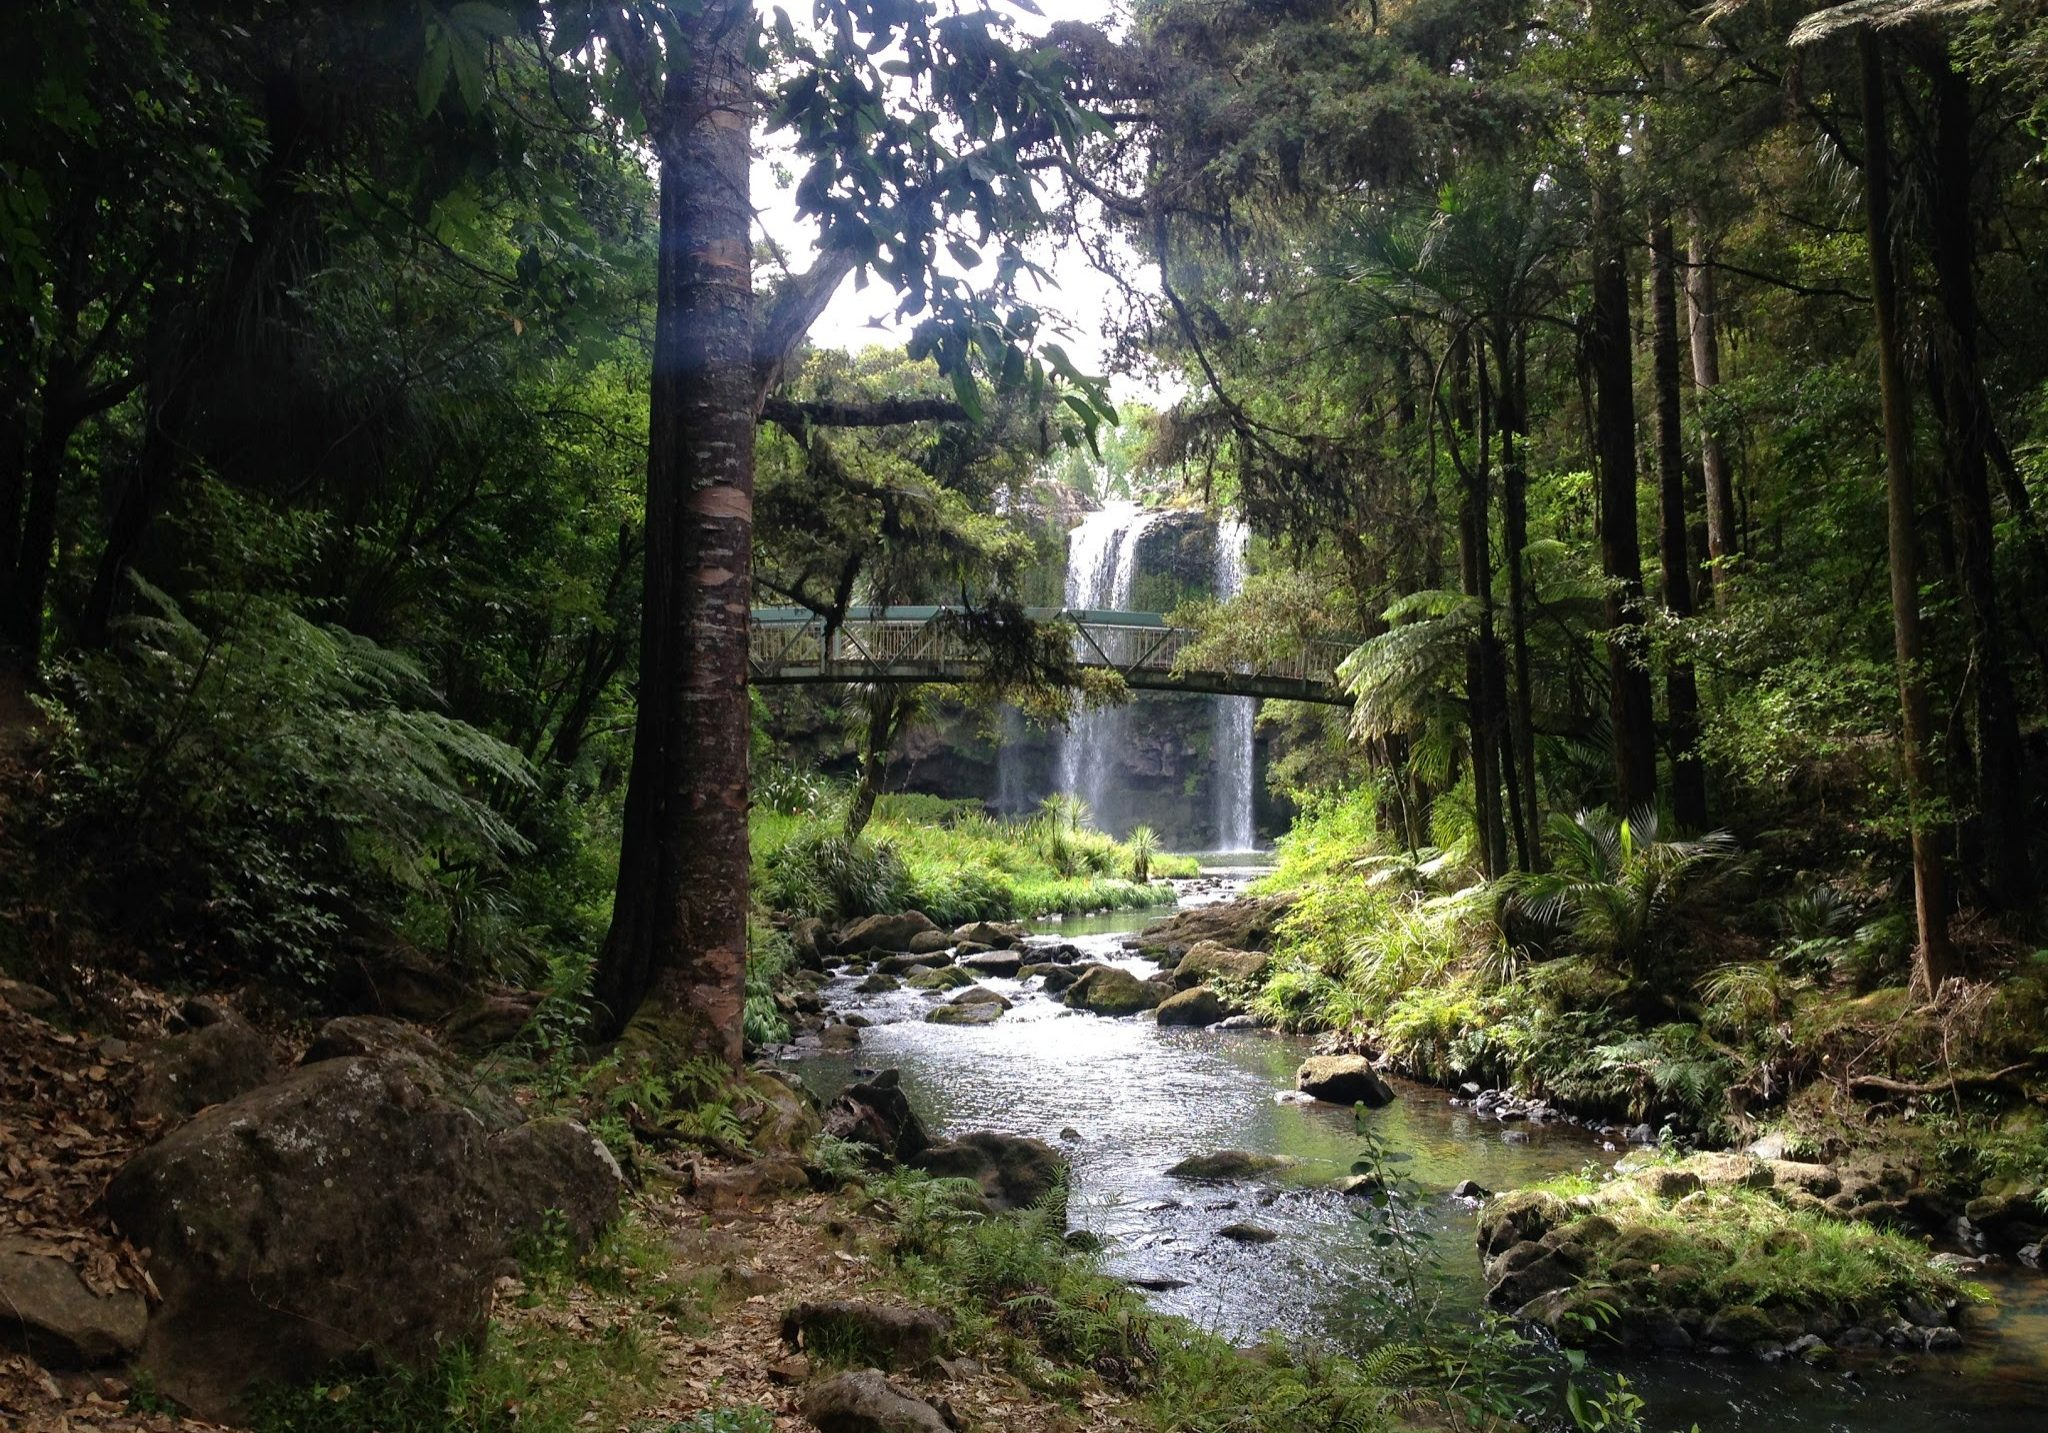 Whangarei Falls, falls, waterfall, whangarei, northland, north island, new zealand